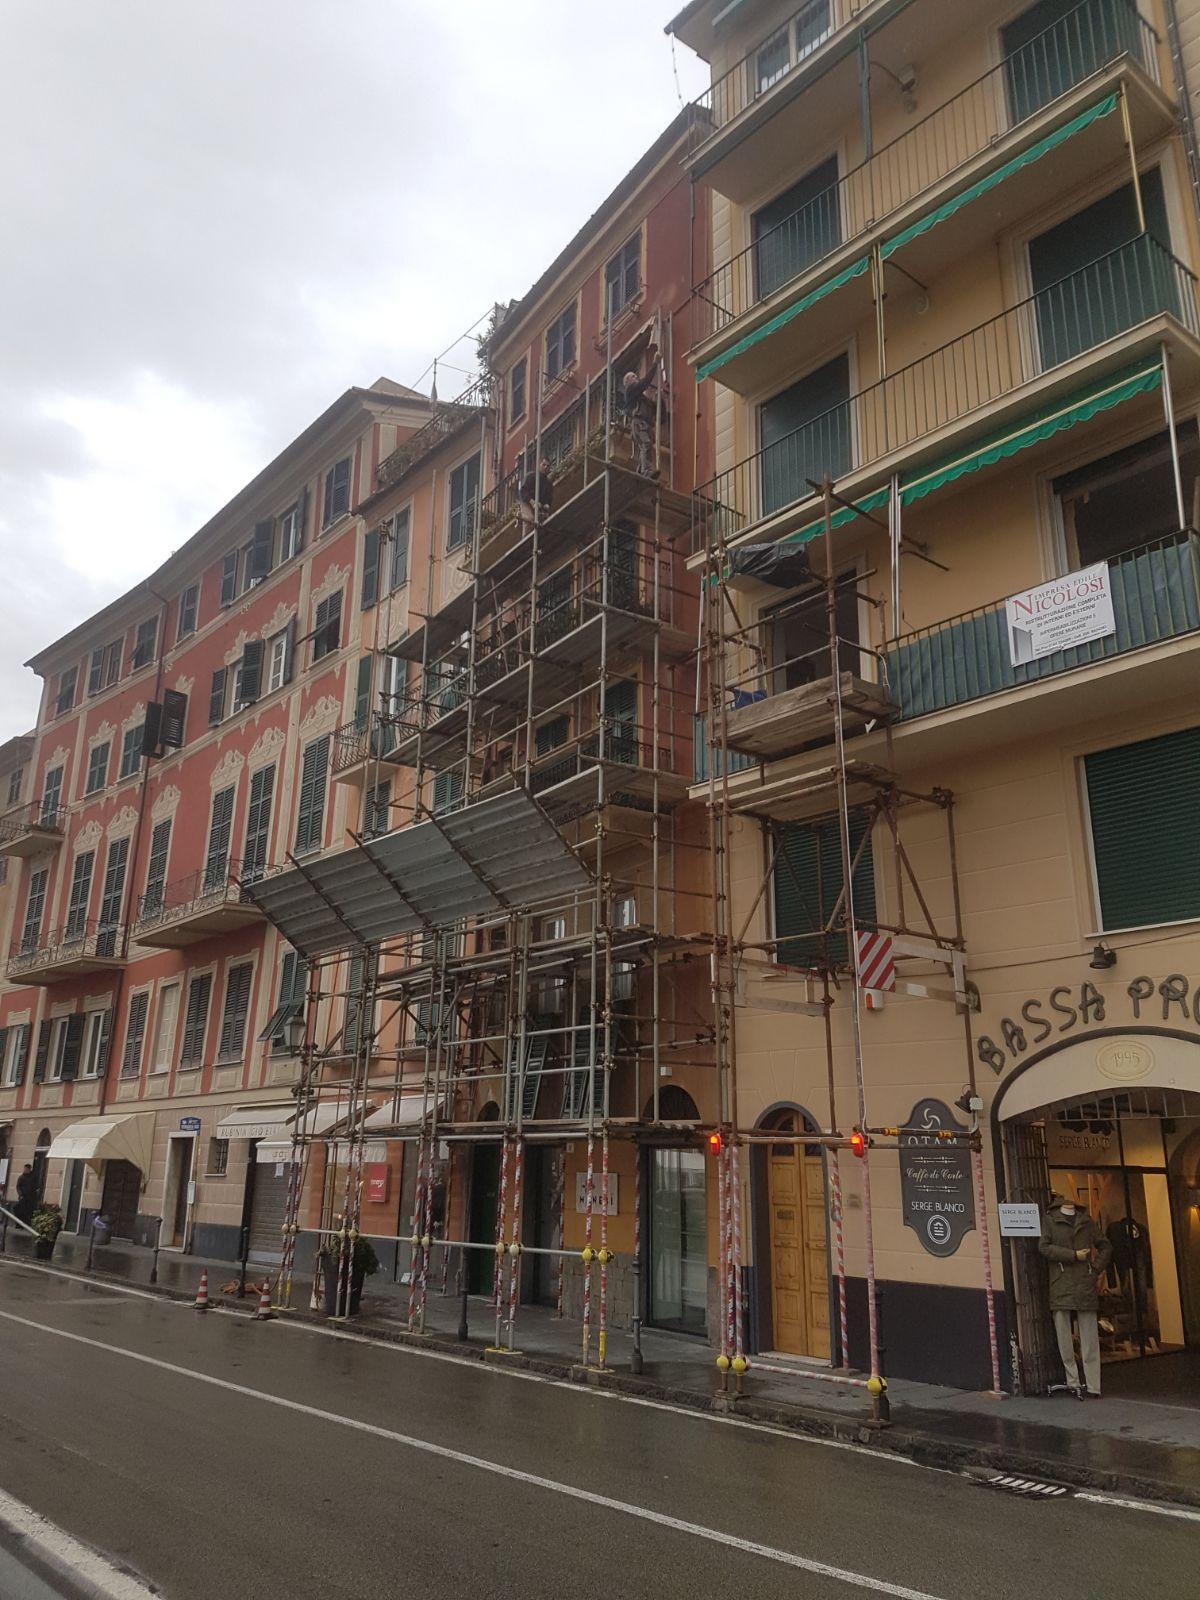 ristrutturazione facciata Nicolosi Genova